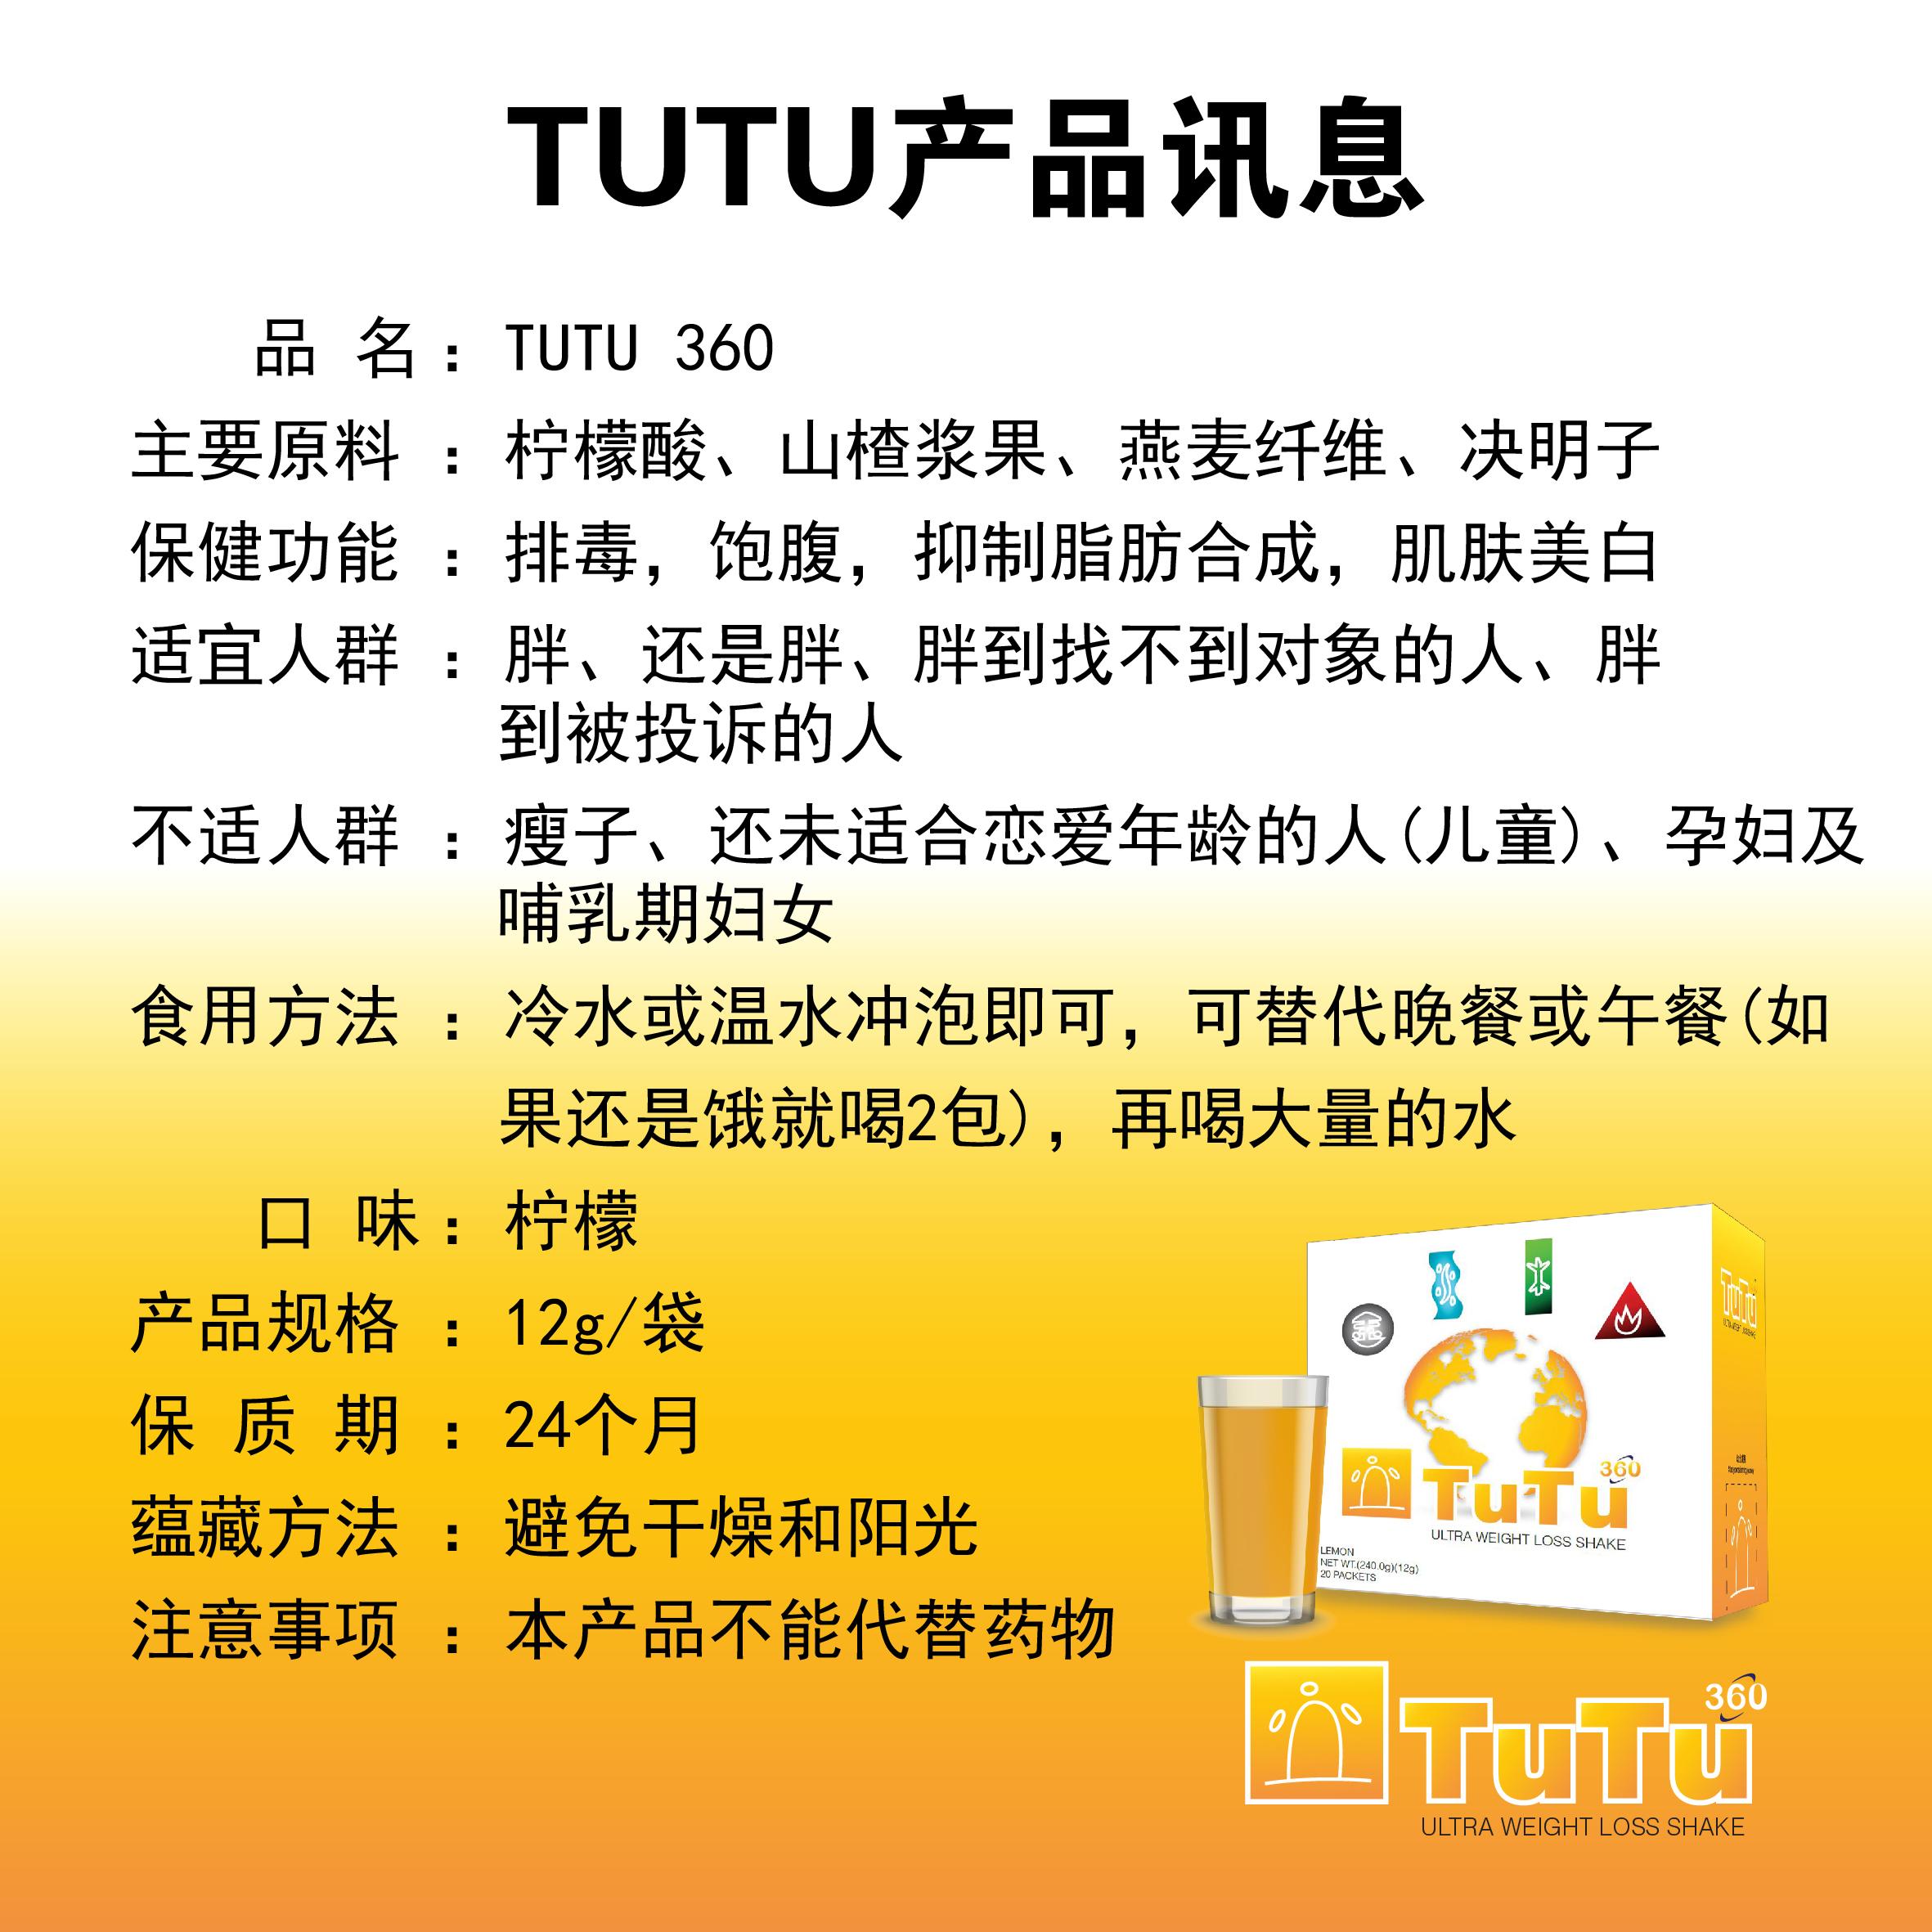 tutu 宣传图-03